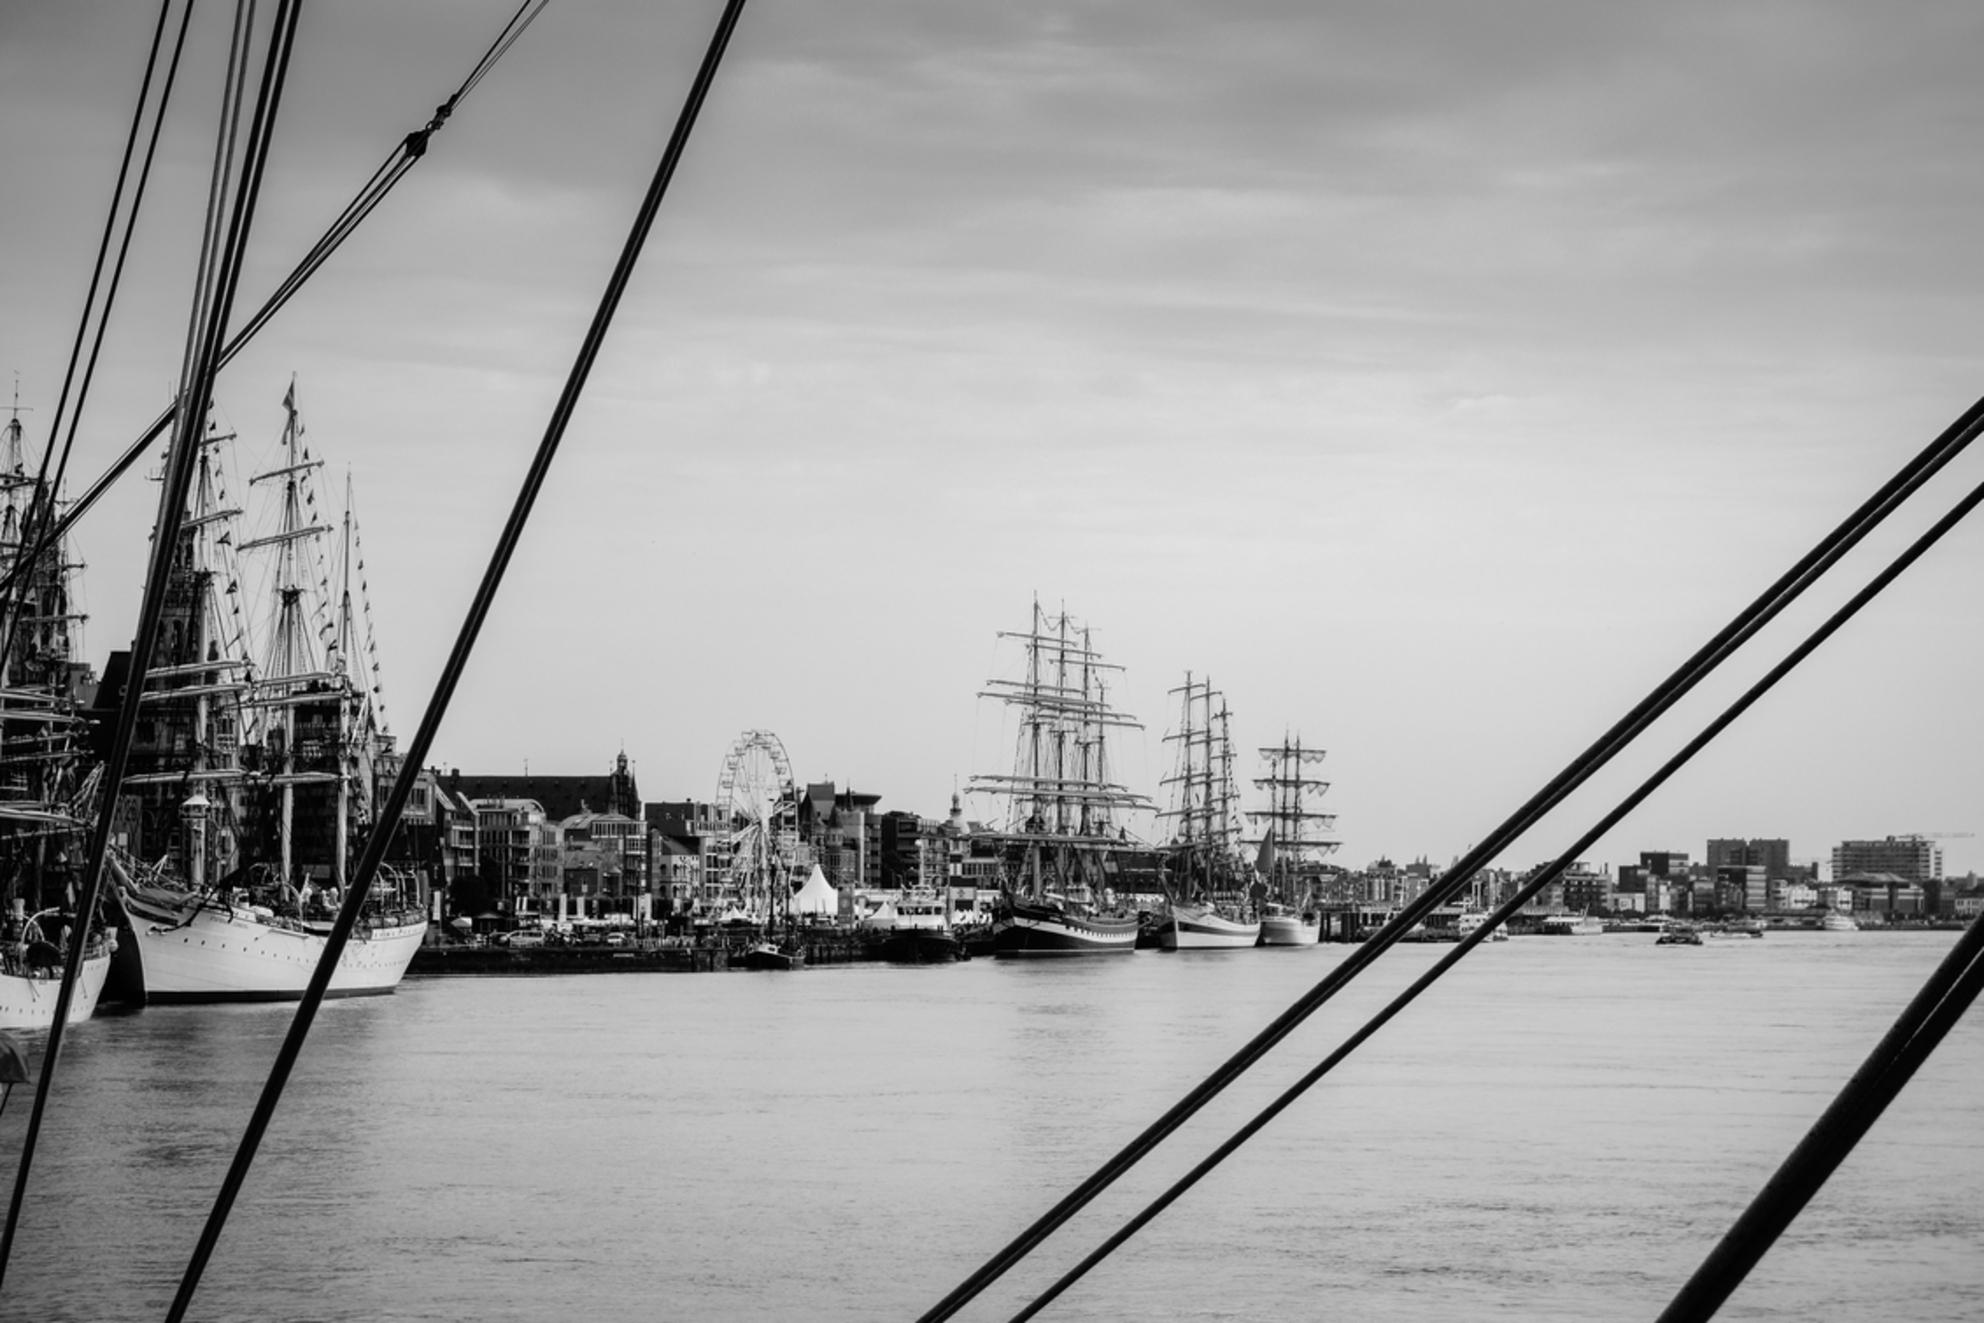 """Antwerp - Tall ship Races - Afgelopen waren de boten van de """"Tall Ship races 2016"""" aangemeerd in Antwerpen (vergelijkbaar met Sail maar kleiner). - foto door Krulkoos op 13-07-2016 - deze foto bevat: zee, lijnen, touw, zeilboot, boten, masten, sail, antwerpen, zwartwit, marine, zeilen, belgie, varen, kabels, kabel, touwen, zeilboten, maritiem, schelde, antwerp, Tall Ship, hoog contrast, rx100, maurice weststrate - Deze foto mag gebruikt worden in een Zoom.nl publicatie"""